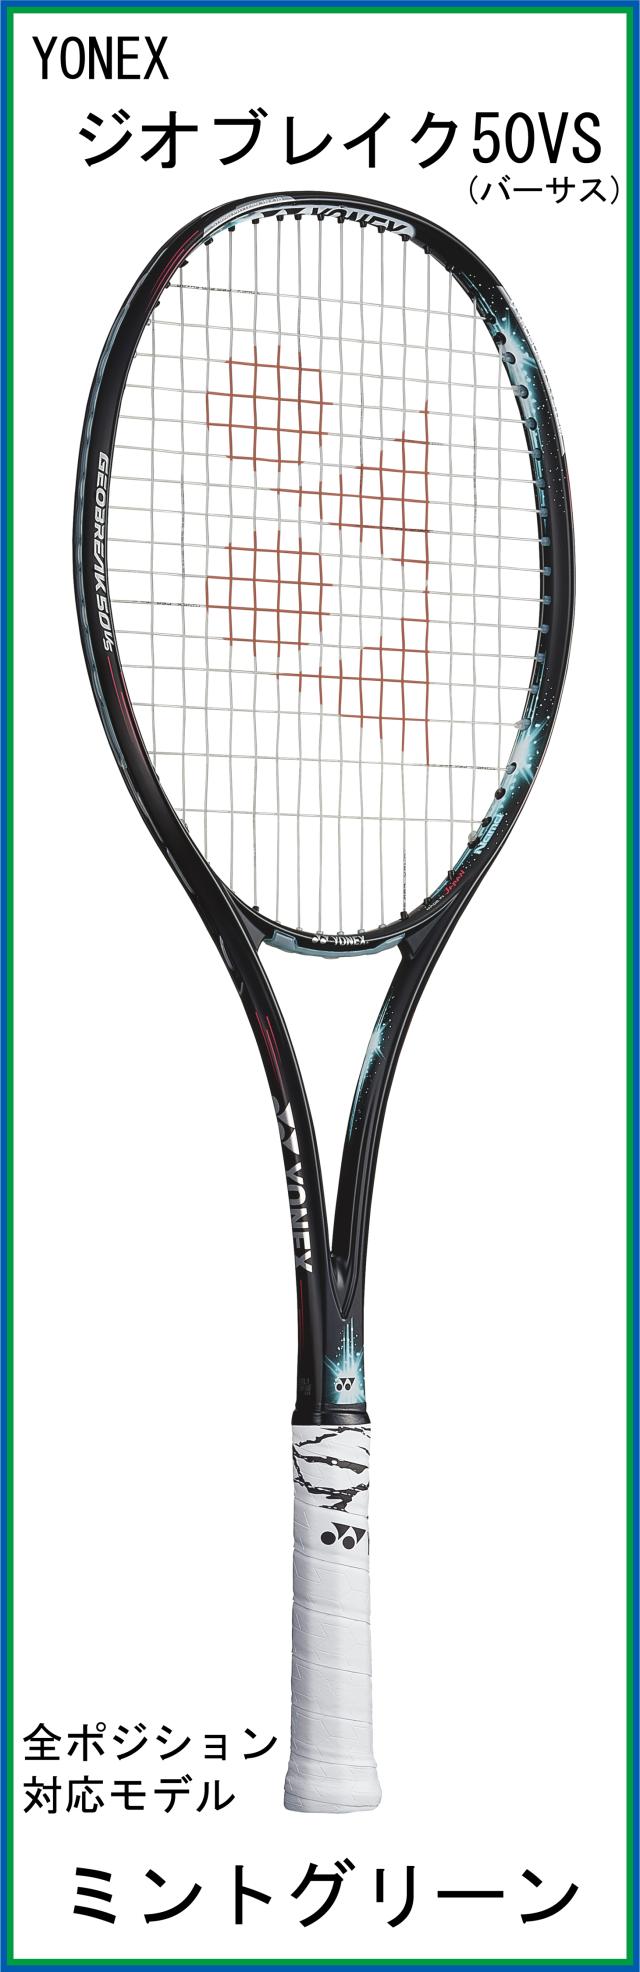 【新デザインラケット】 ヨネックス GEOBREAK 50VS ジオブレイク50バーサス (ミントグリーン) 【2月中旬発売】